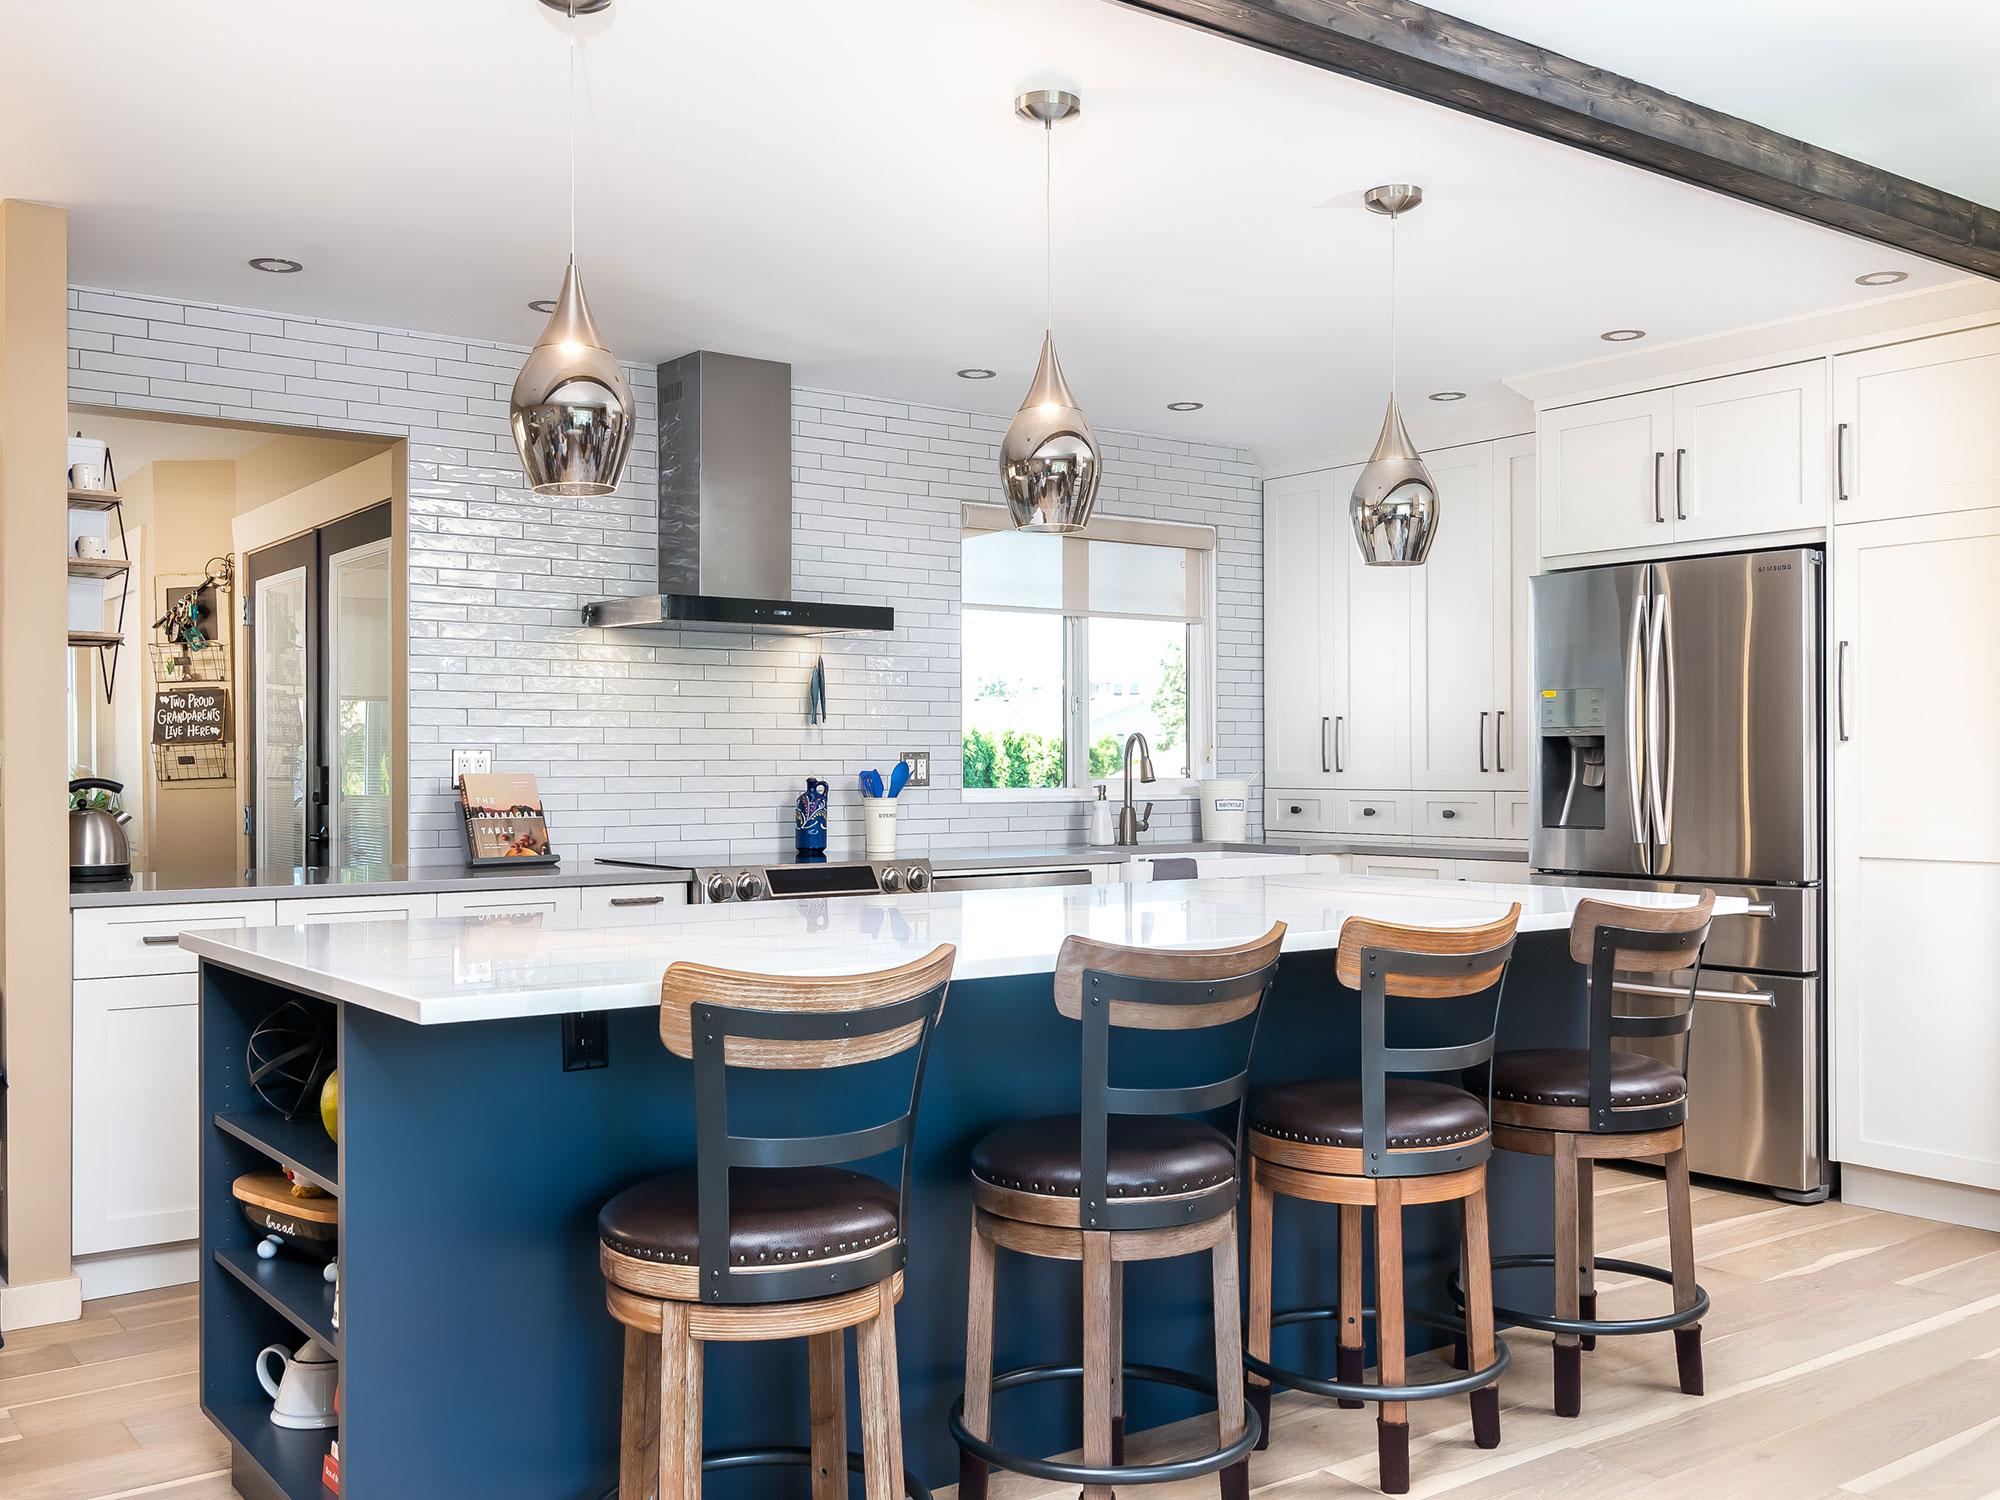 Kitchen Design Services in Kelowna - Kitchen Design Co